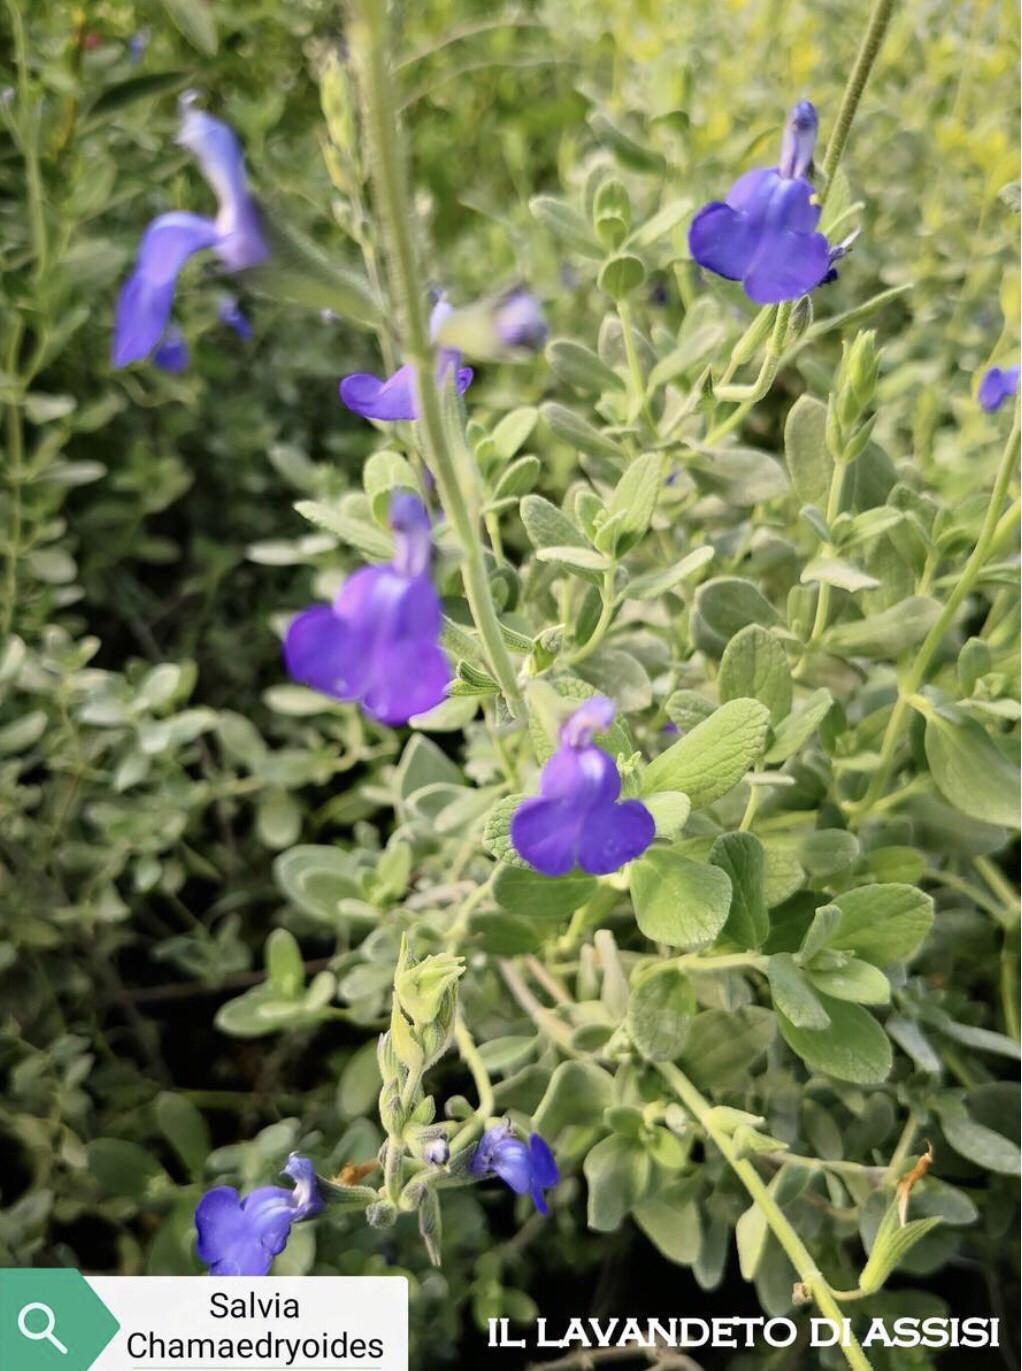 """Salvia """" Chamaedryodides"""" (14 Cm) Ordinare dal sito: https://www.illavandetodiassisi.com/catalogo-vendita-online.html"""